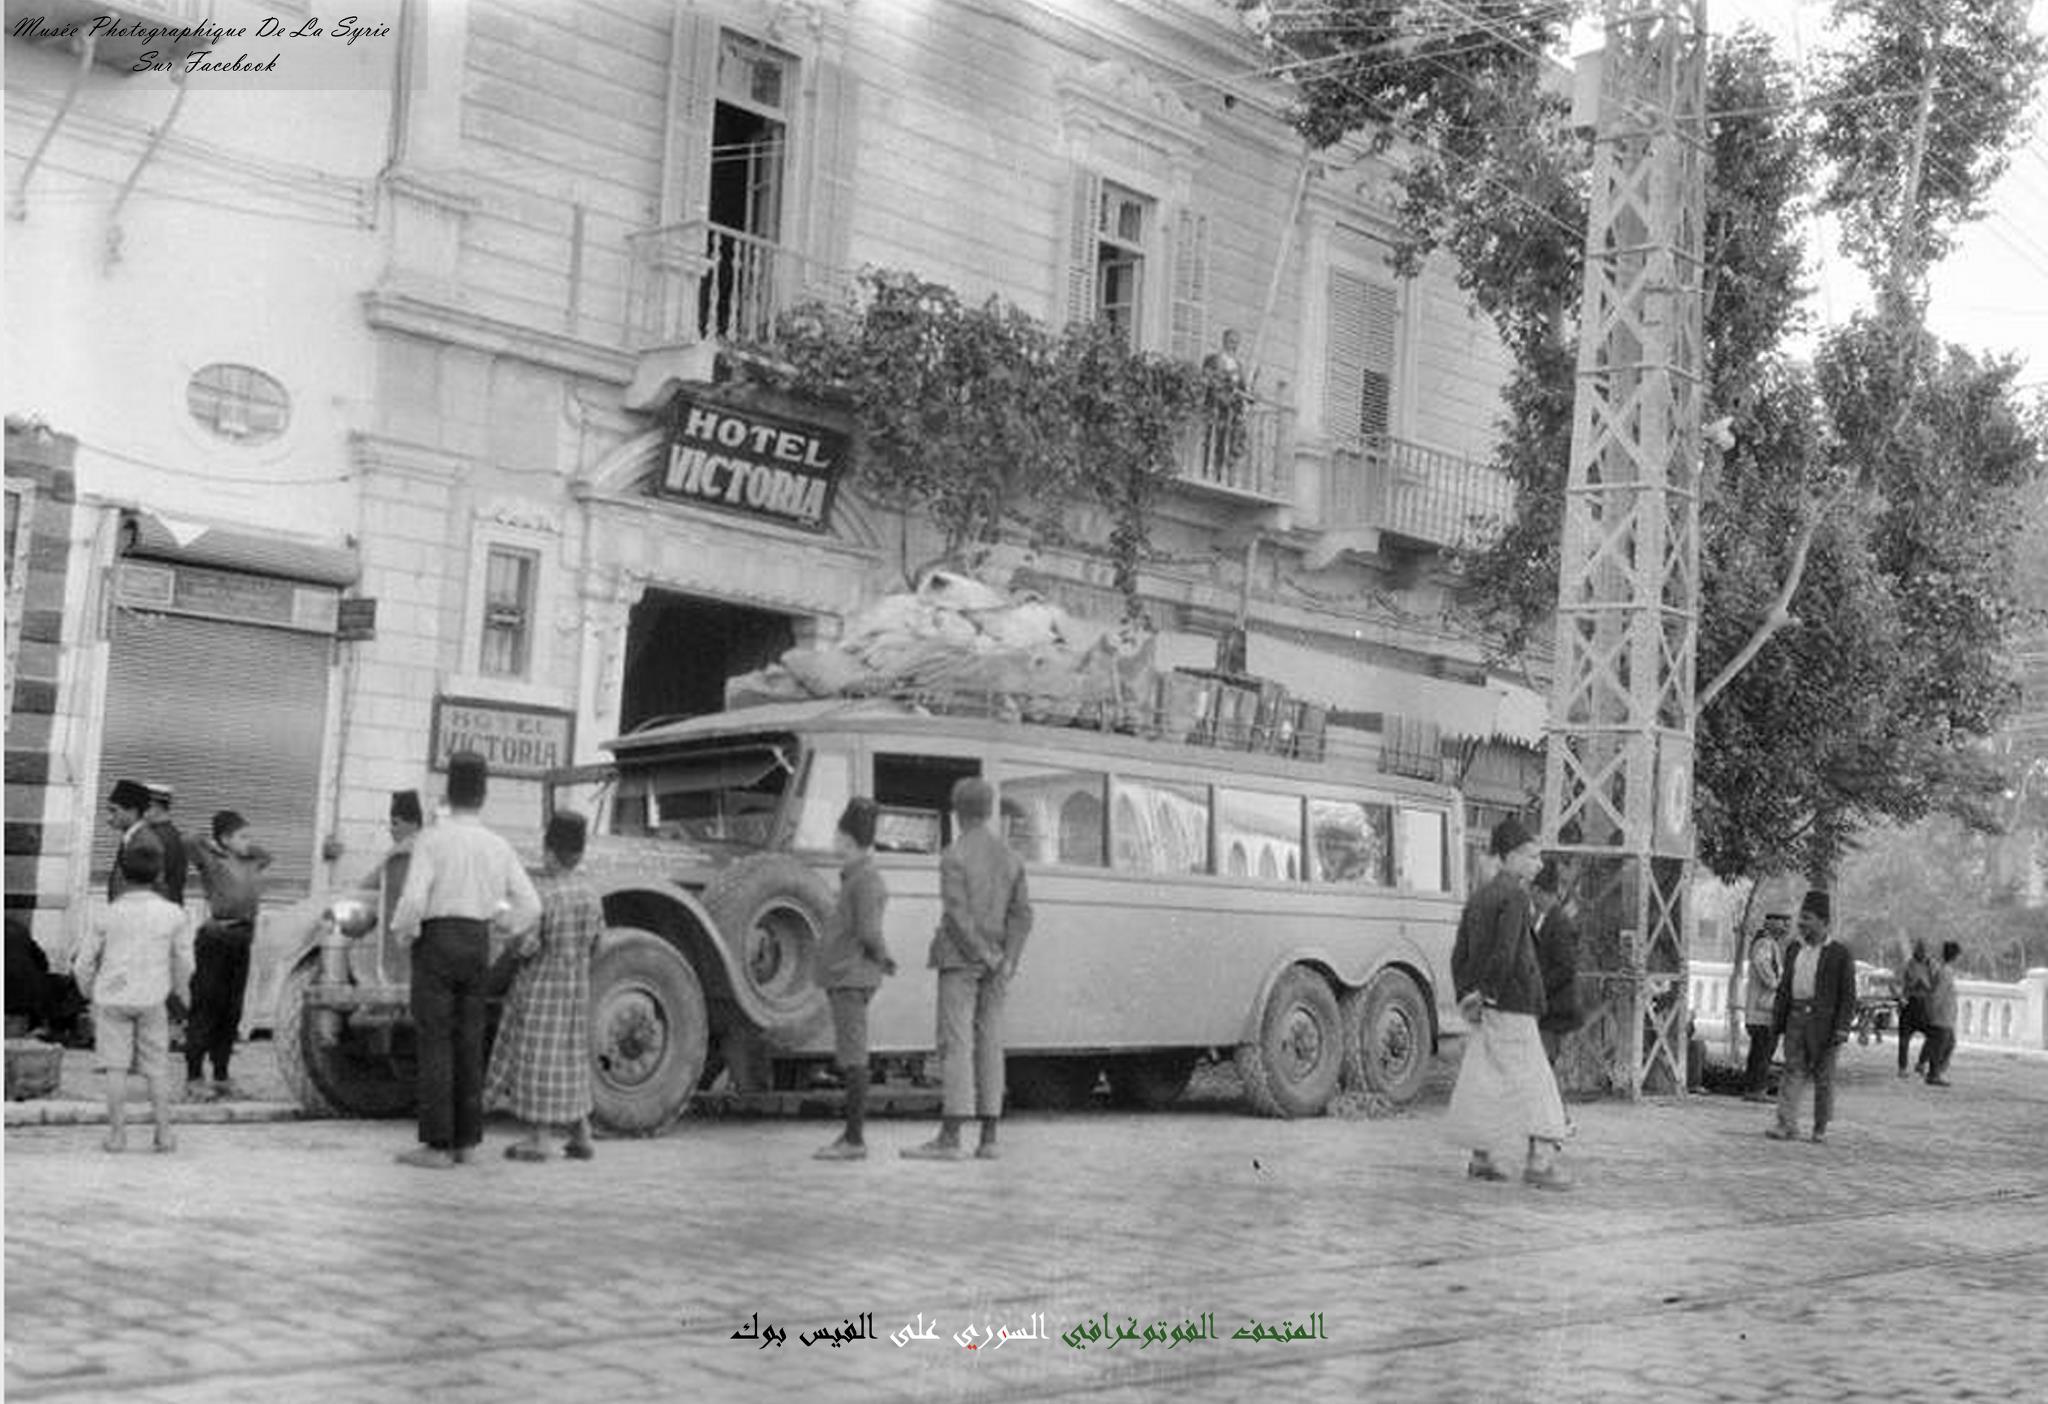 دمشق : باص لشركة نيرن يستعد لنقل الركاب الى بغداد أمام فندق فكتوريا